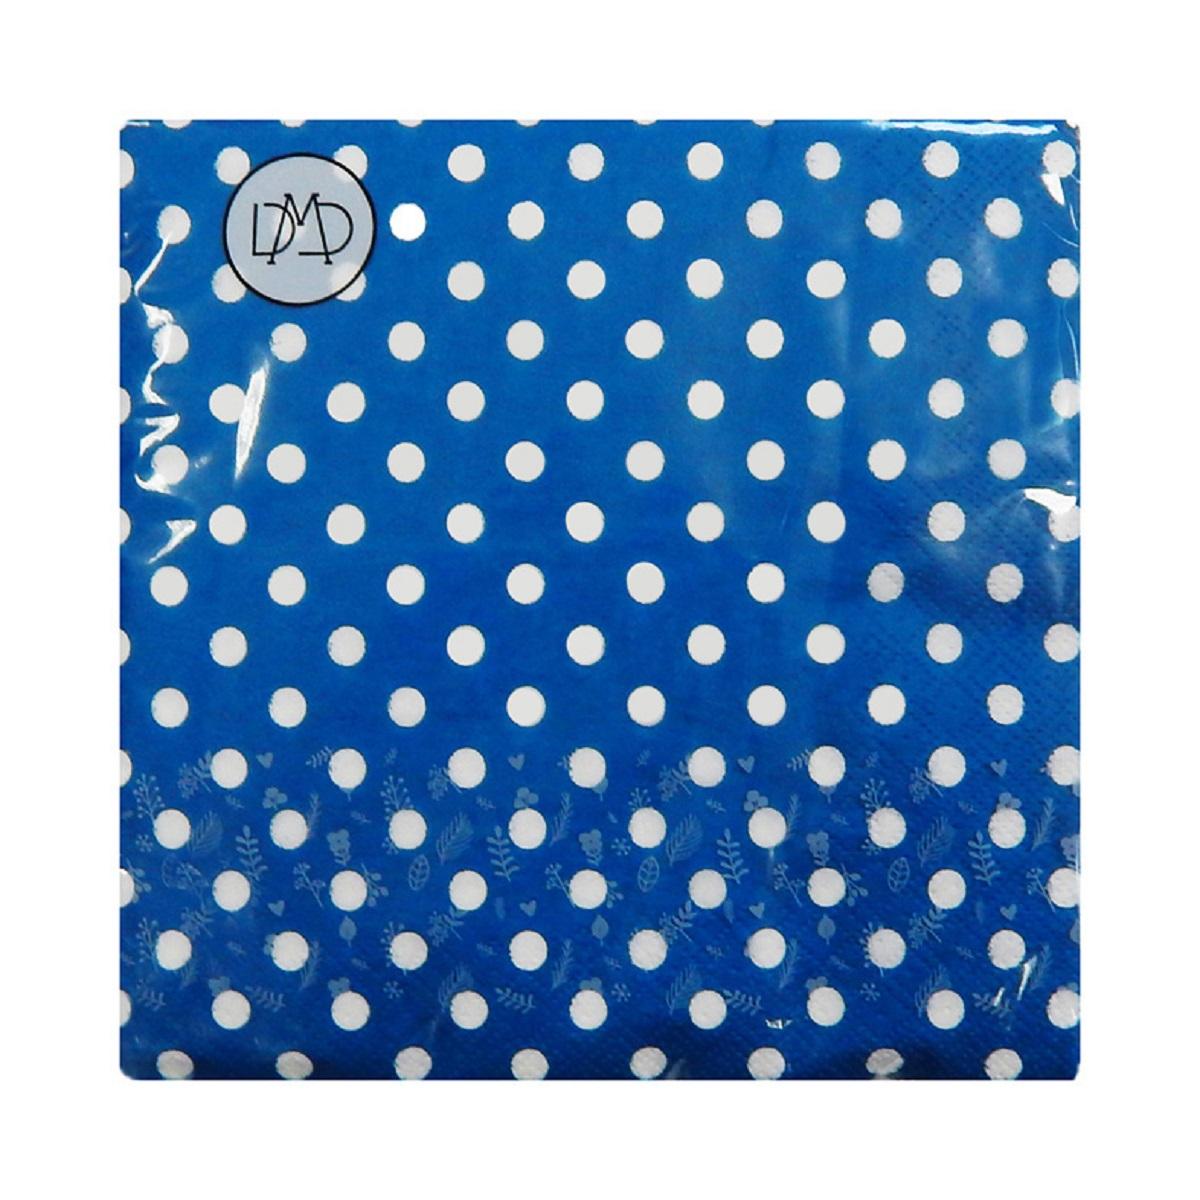 Бумажные салфетки DMD Полдник, 33х33 см, три слоя, 20 шт, цвет: синий15473Для бытового и санитарно-гигиенического назначения одноразового использования.